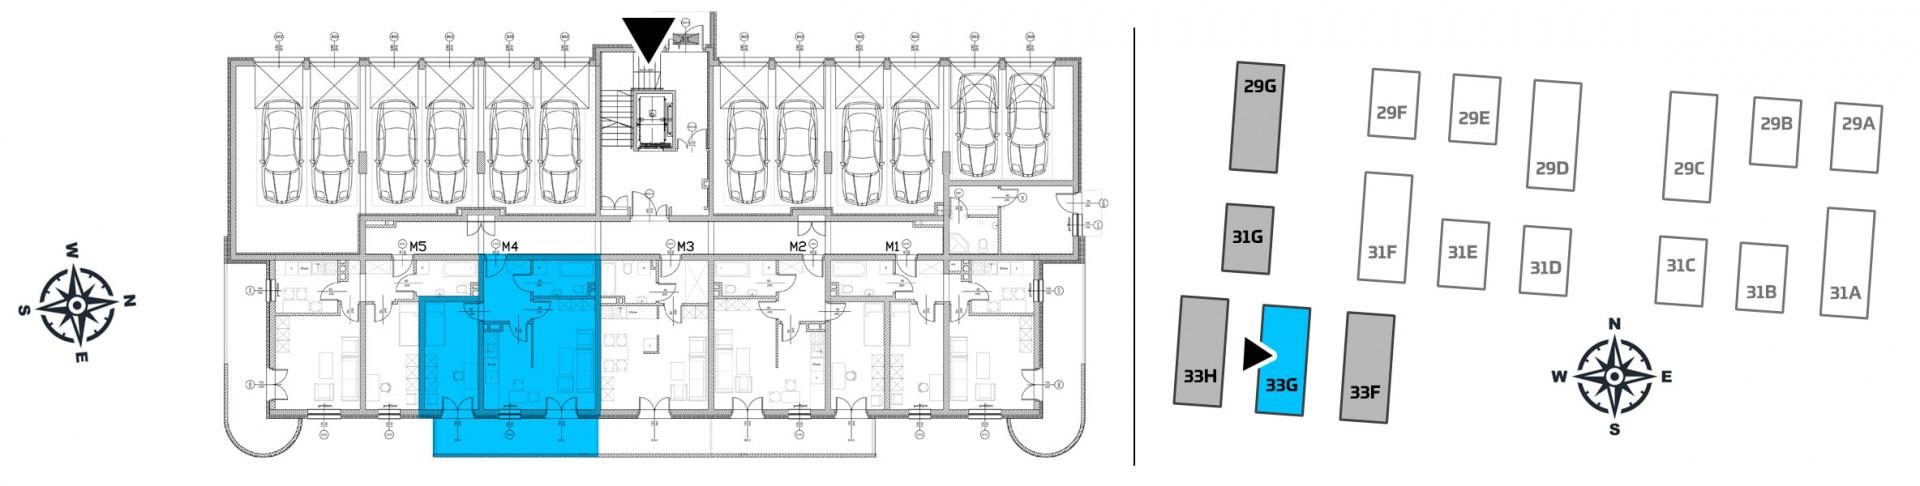 Mieszkanie dwupokojowe 33G/4 rzut 2